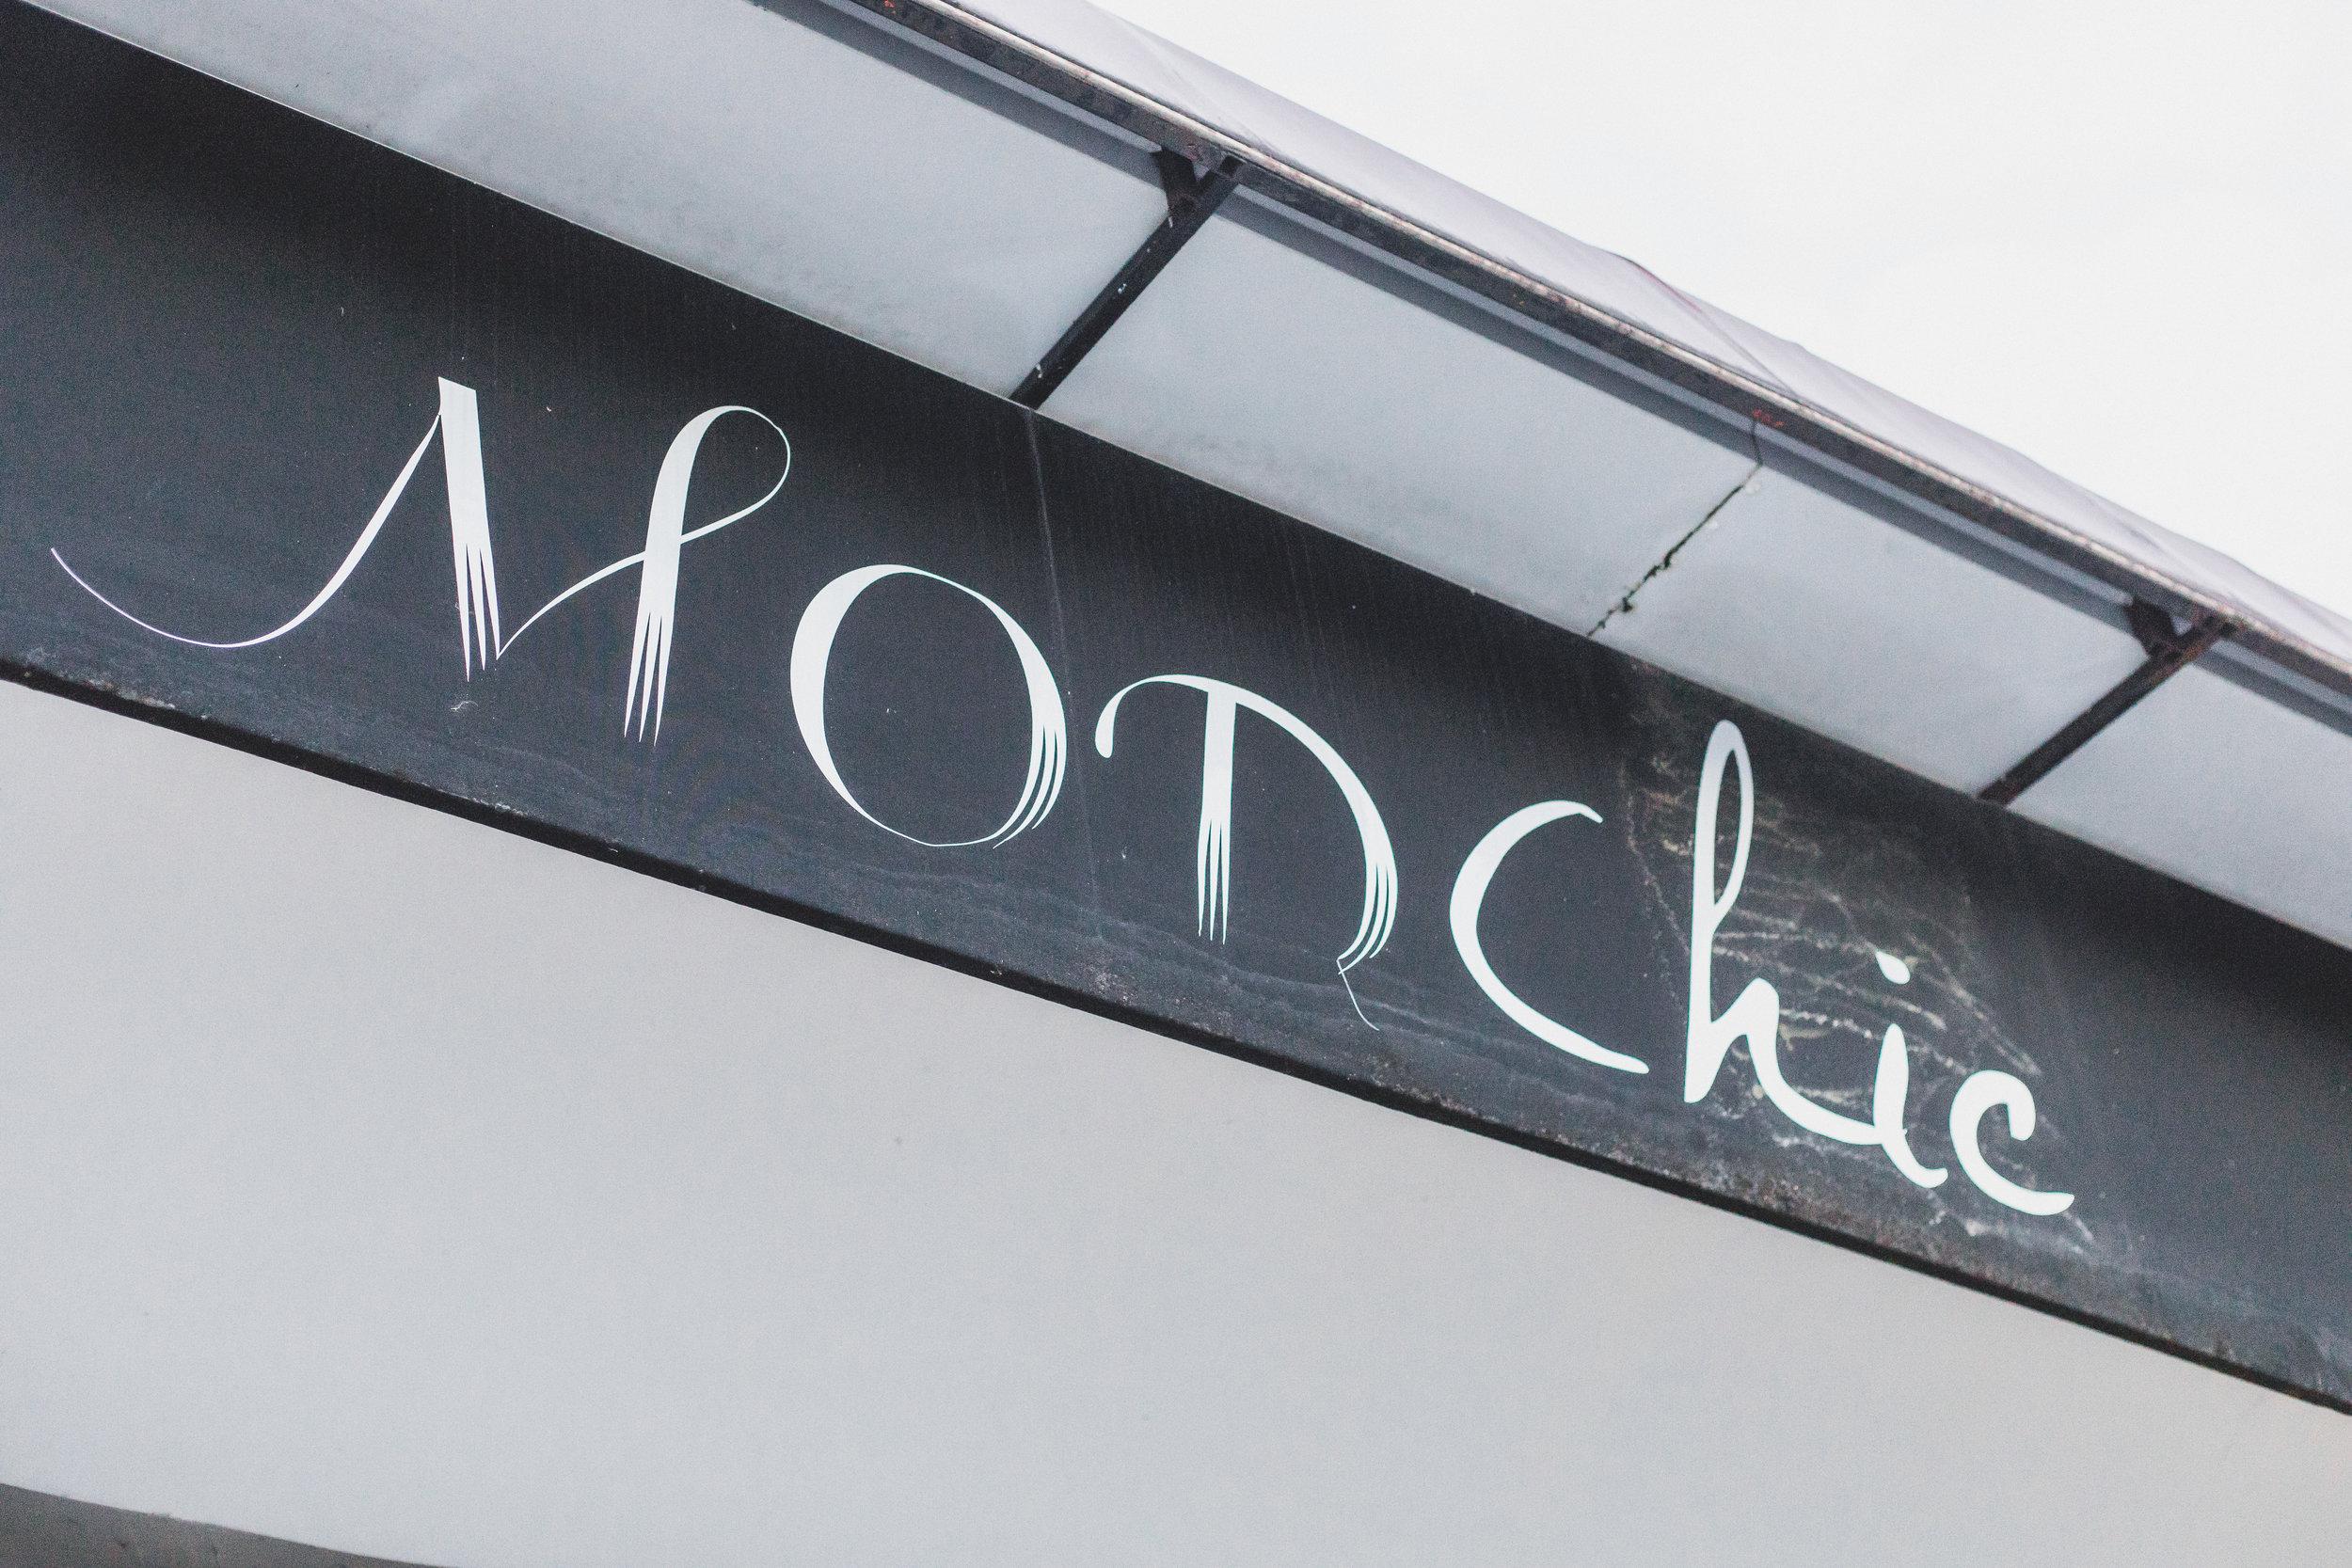 mod-chic-rice-village-boutique.jpg